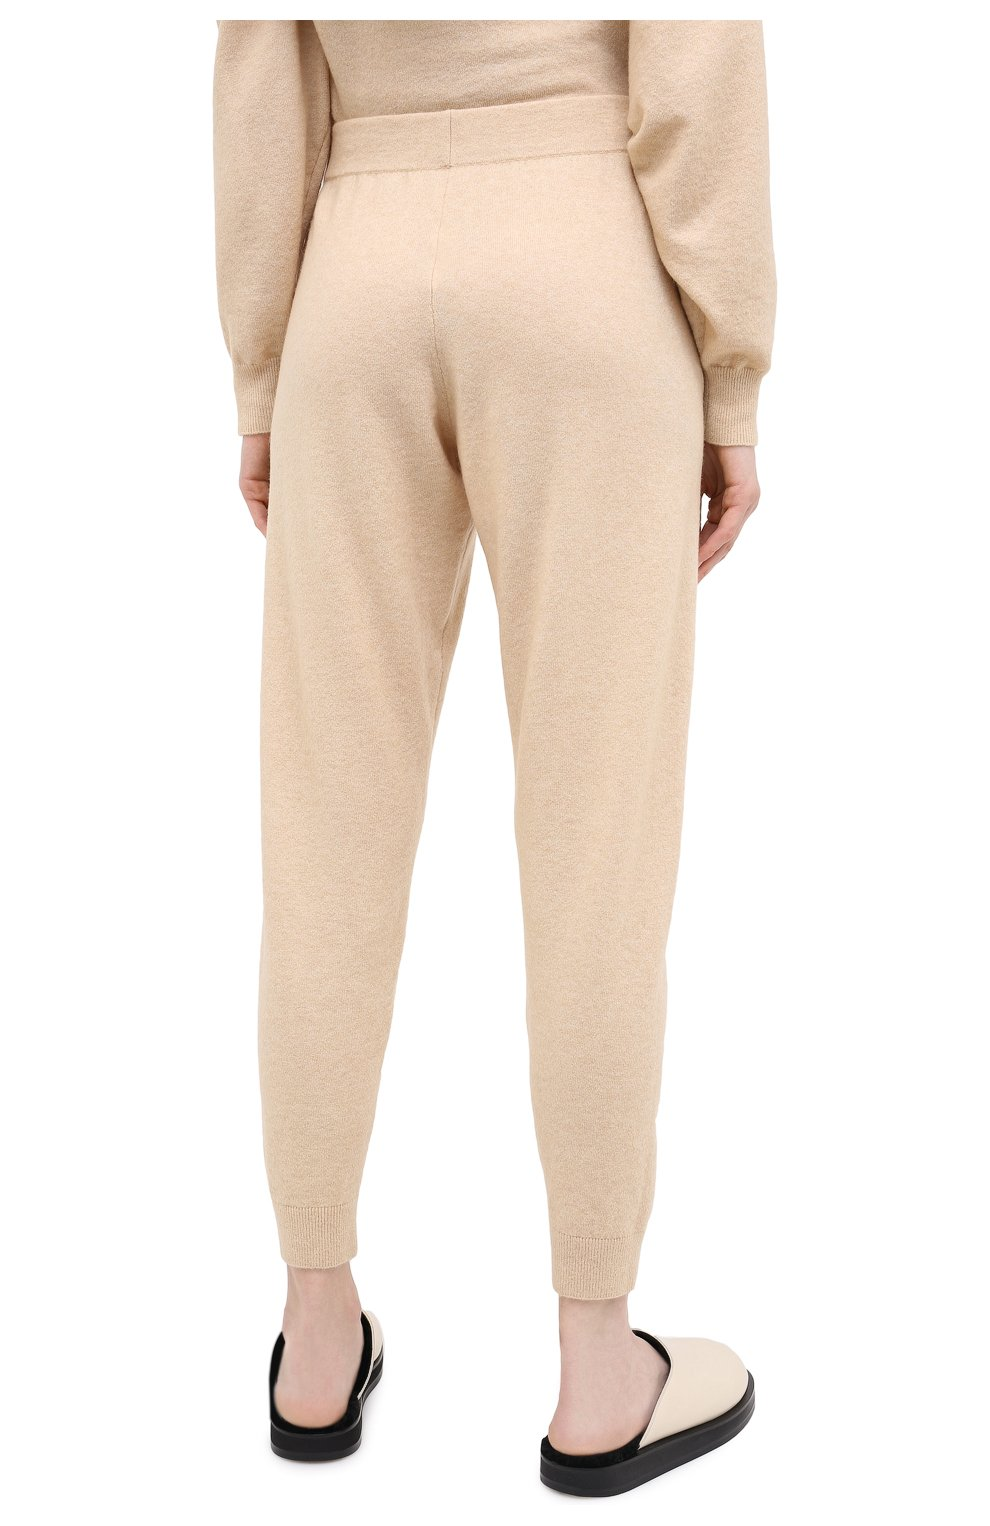 Женские джоггеры ALLUDE бежевого цвета, арт. 205/65023 | Фото 4 (Материал внешний: Шерсть, Синтетический материал; Длина (брюки, джинсы): Стандартные; Женское Кросс-КТ: Брюки-одежда, Джоггеры - брюки; Силуэт Ж (брюки и джинсы): Джоггеры; Кросс-КТ: Трикотаж)